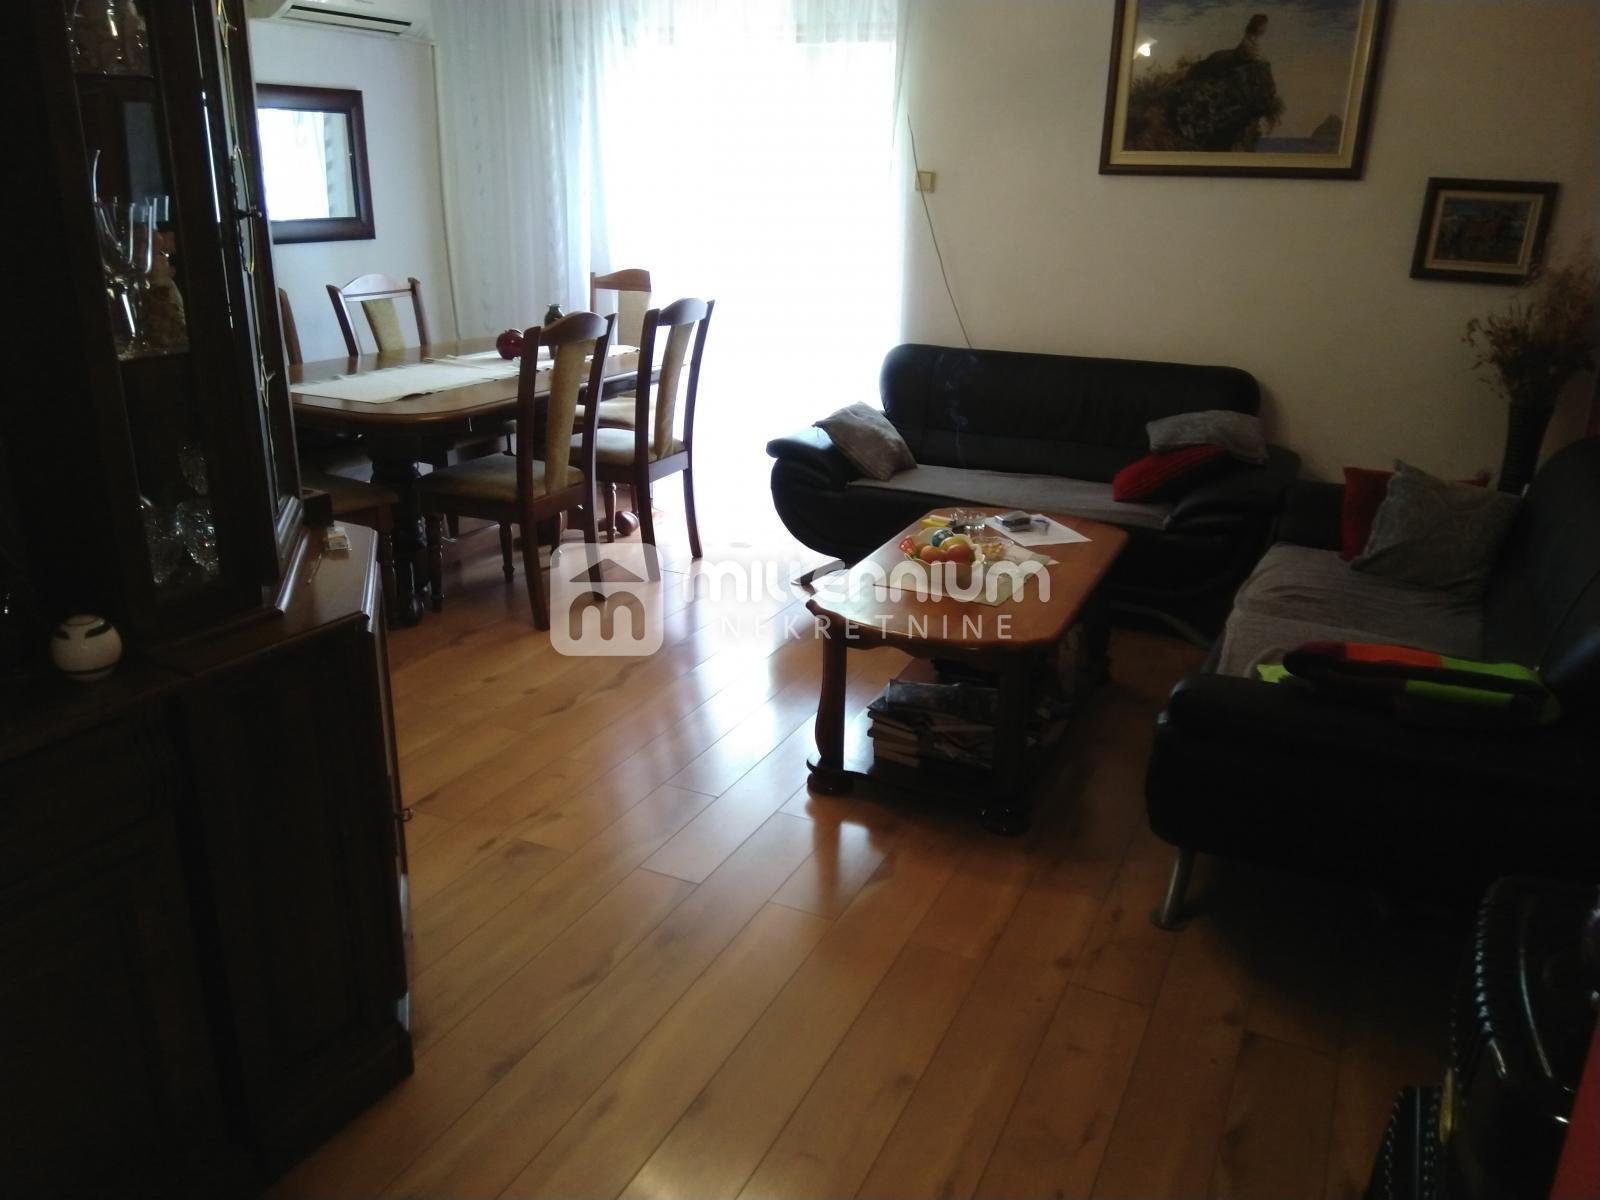 Mavrinci, kuća 200m2 s 3 stana, 200m2 okućnice